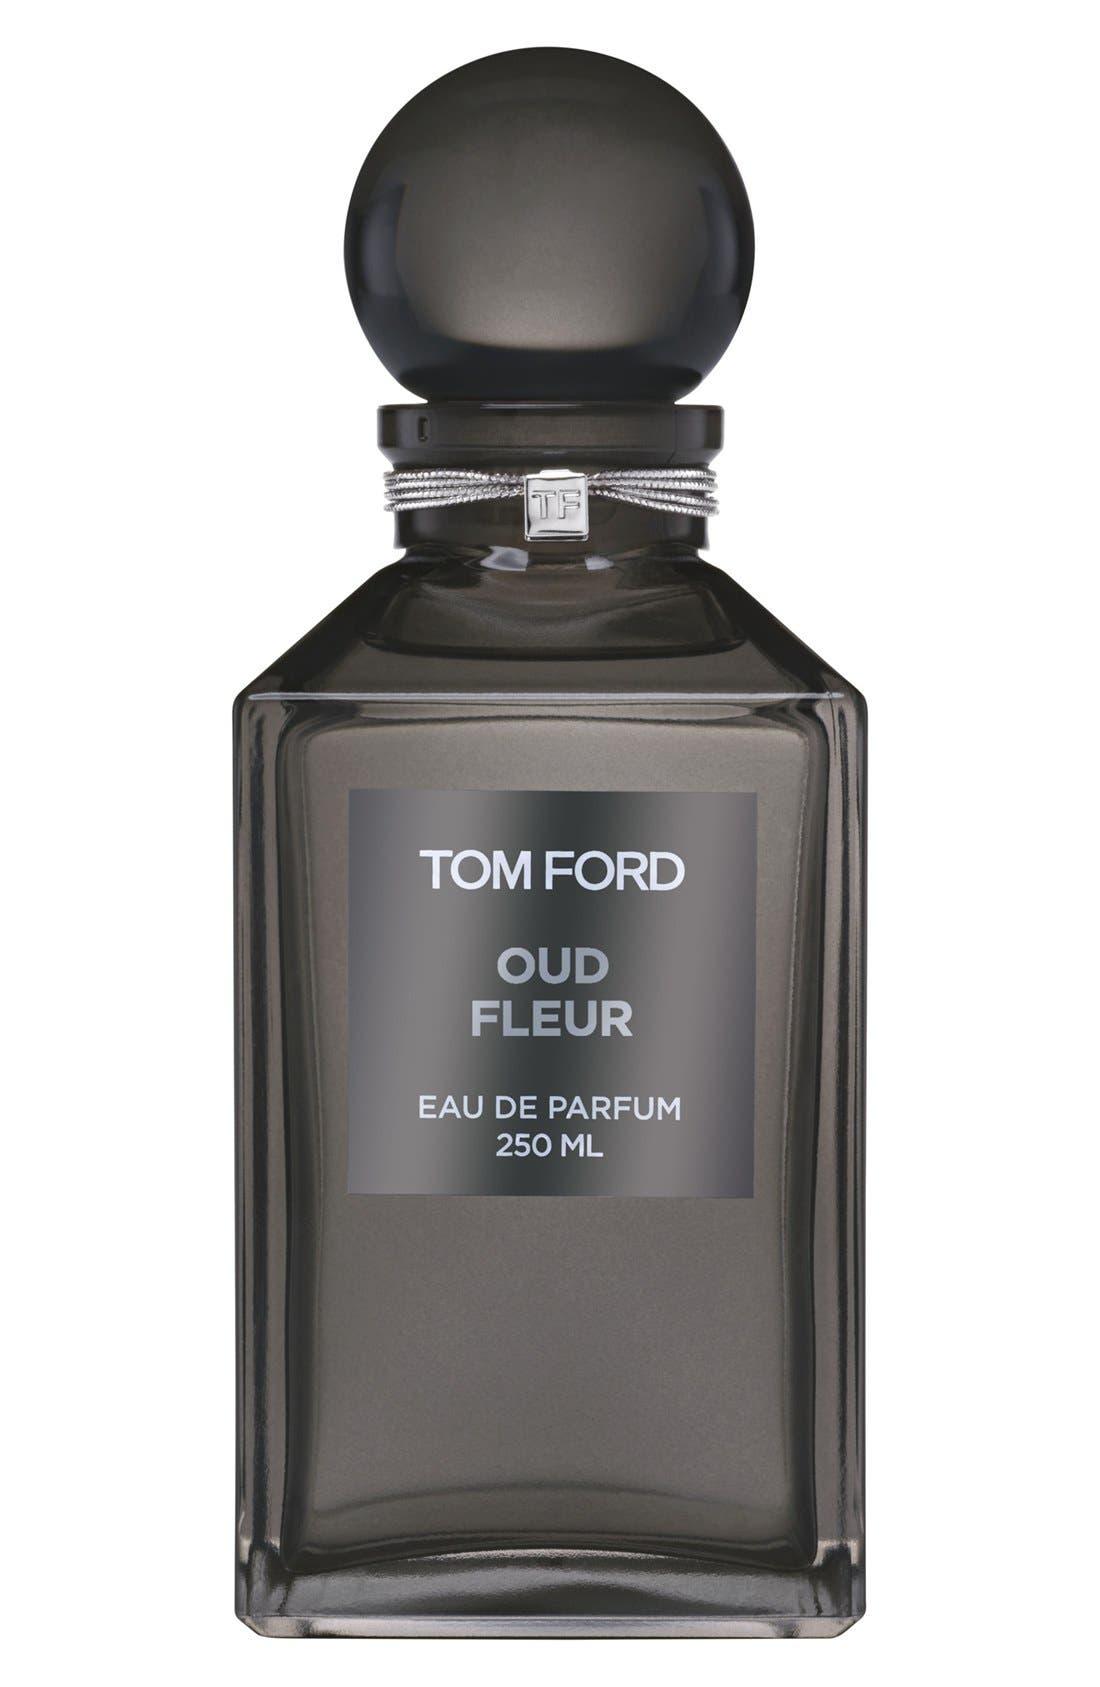 Tom Ford Private Blend Oud Fleur Eau de Parfum Decanter